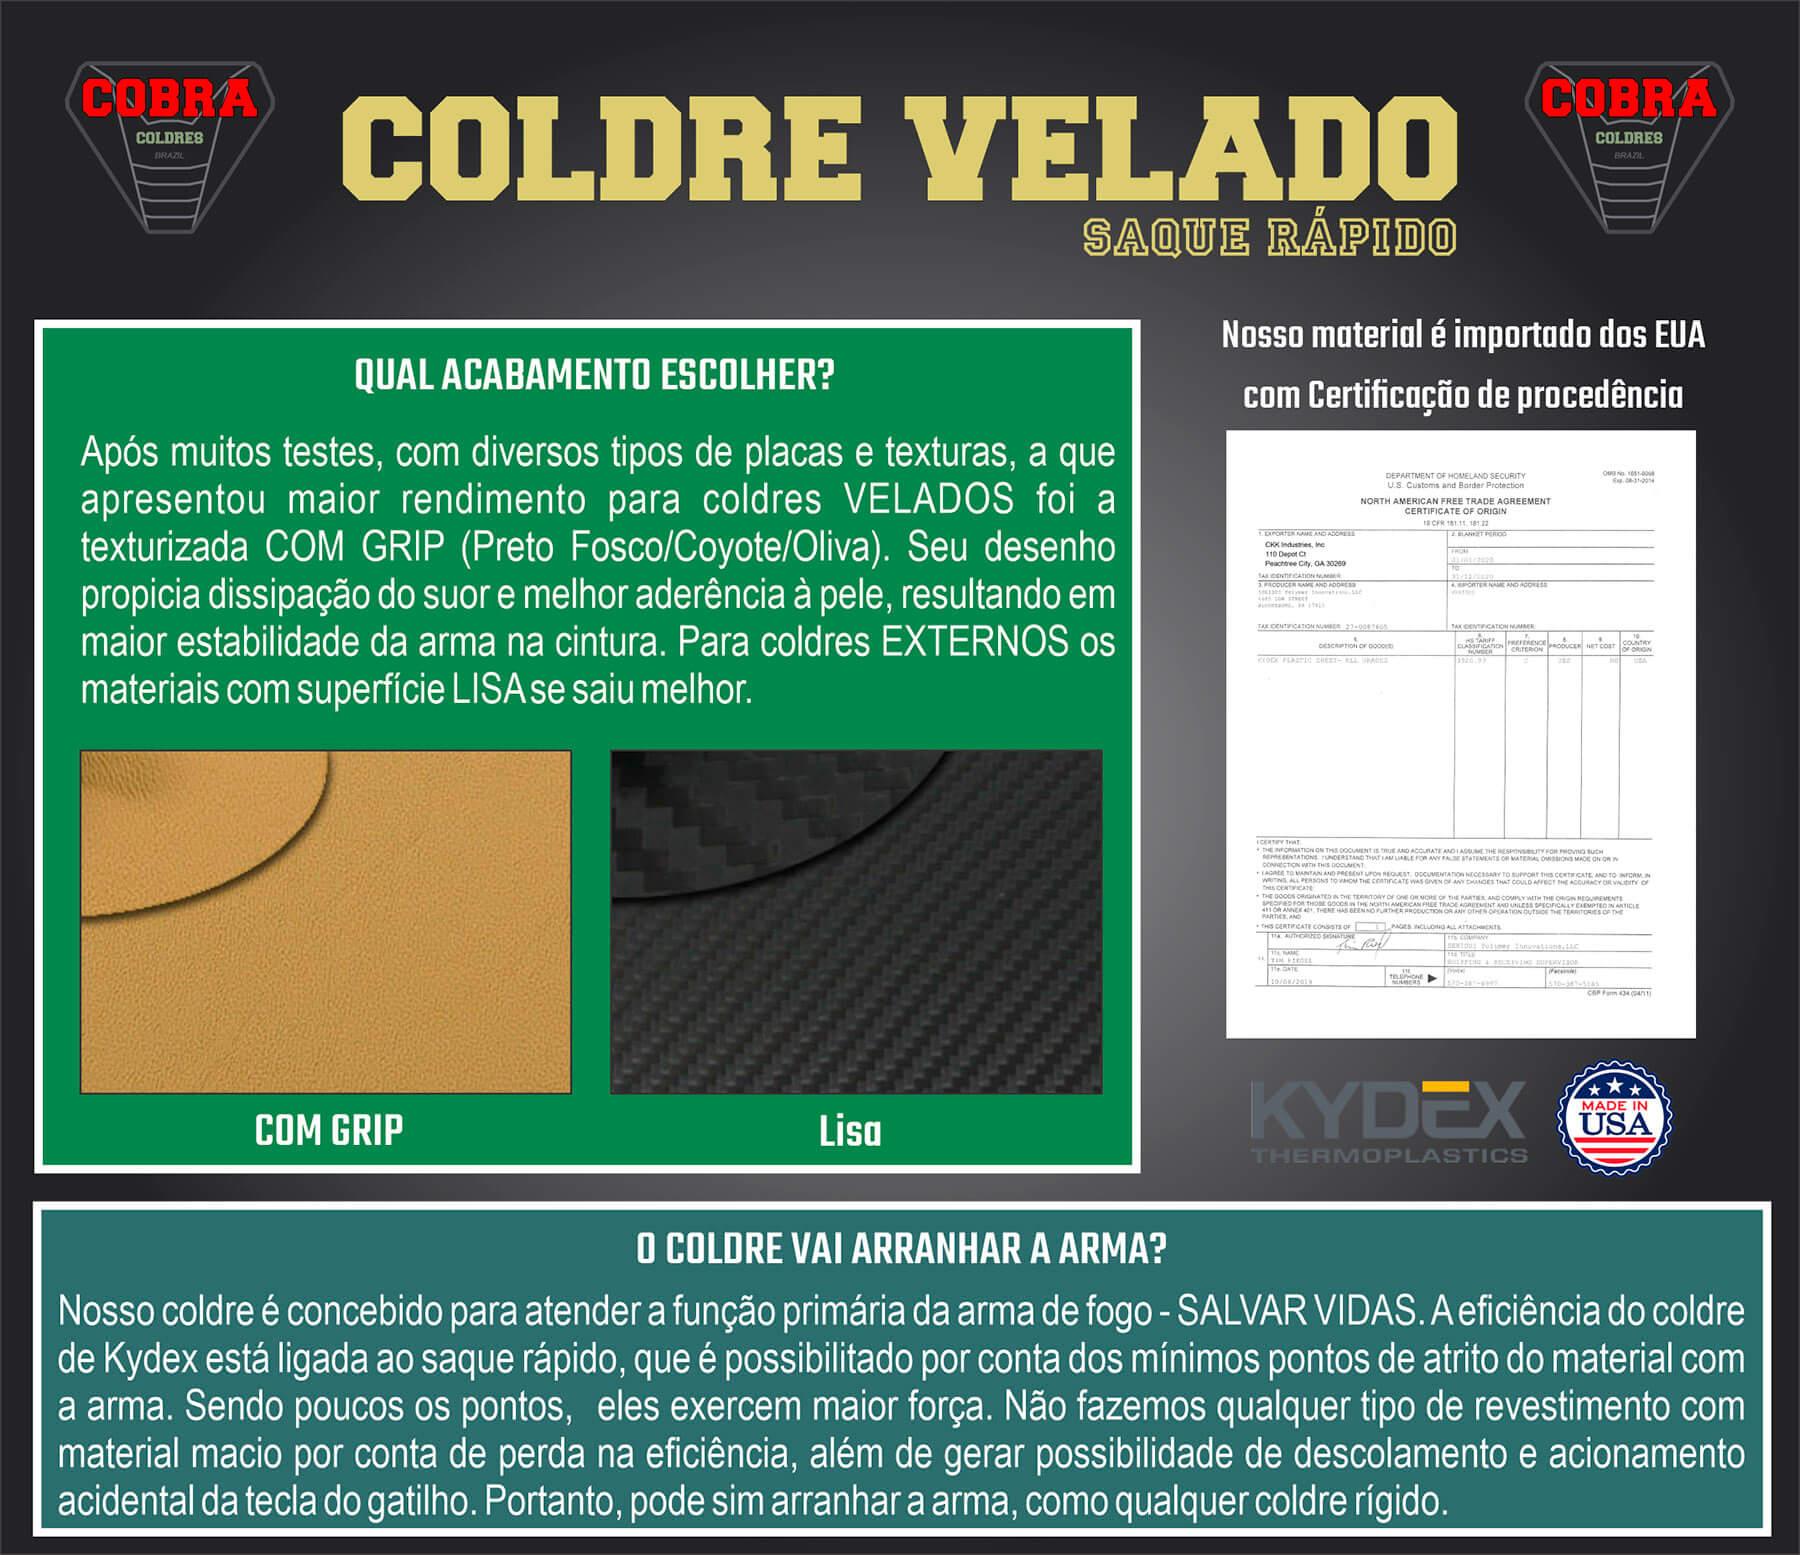 Coldre [TH9] [TH40] [TH380] [PT840] [PT838] [PT845] [PT809] Kydex + 1 Porta-Carregador Universal - Saque Rápido Velado Kydex® 080